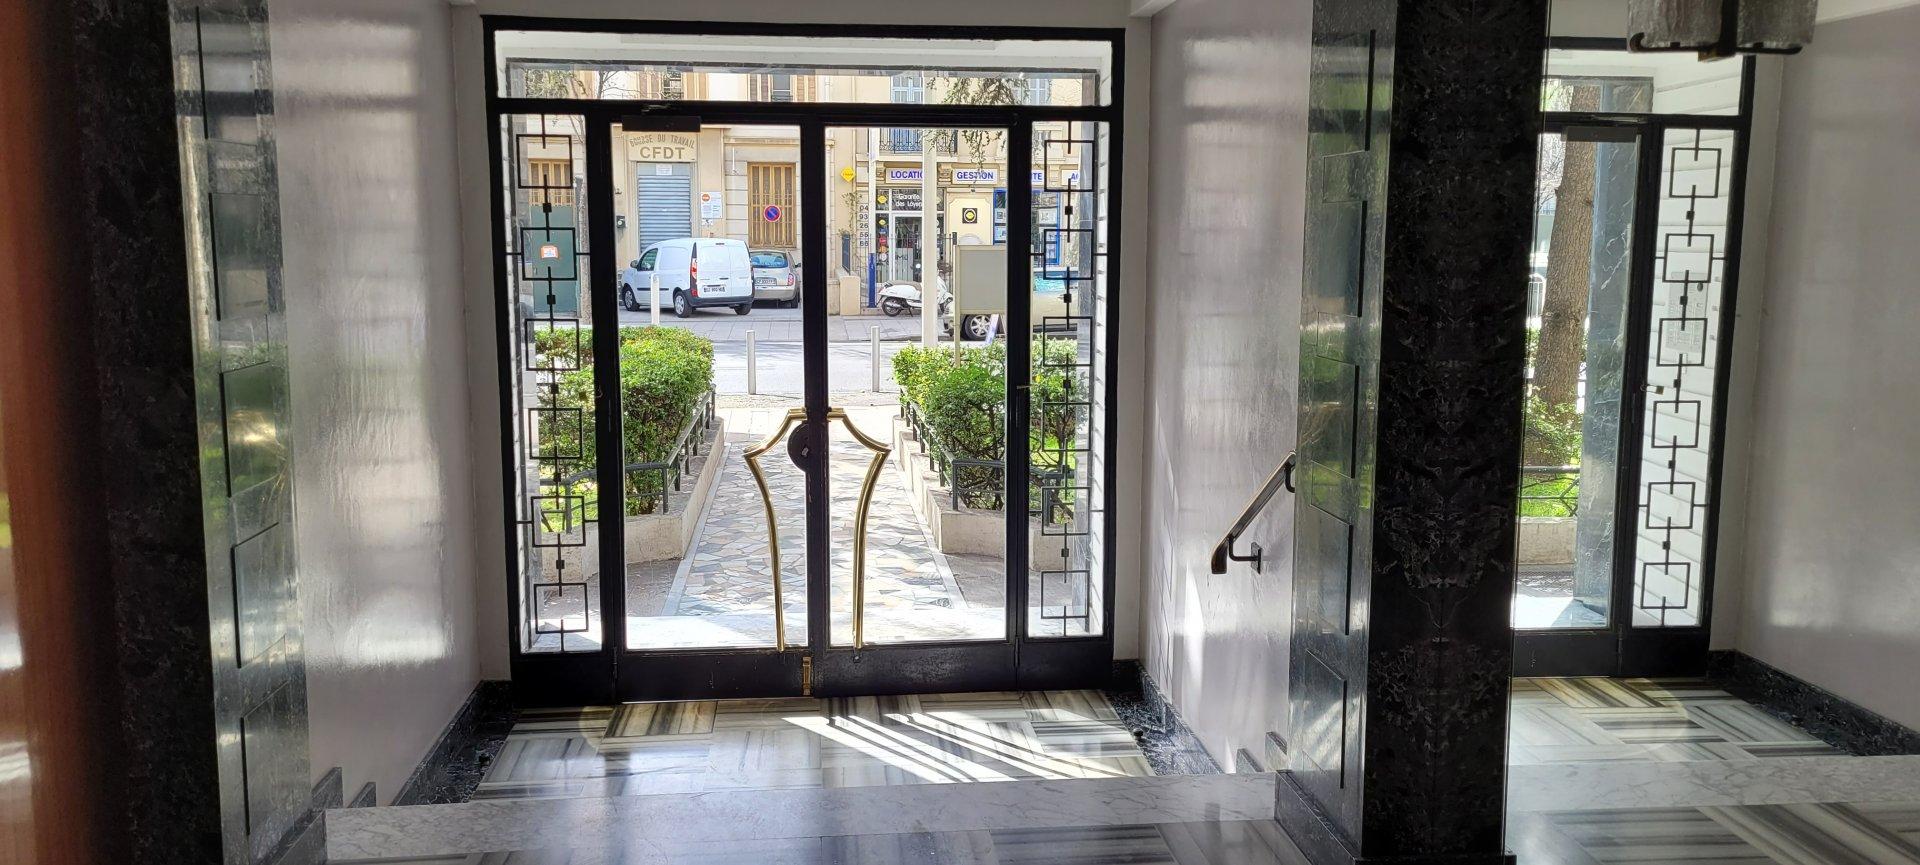 vente trois pièces boulevard general louis delfino